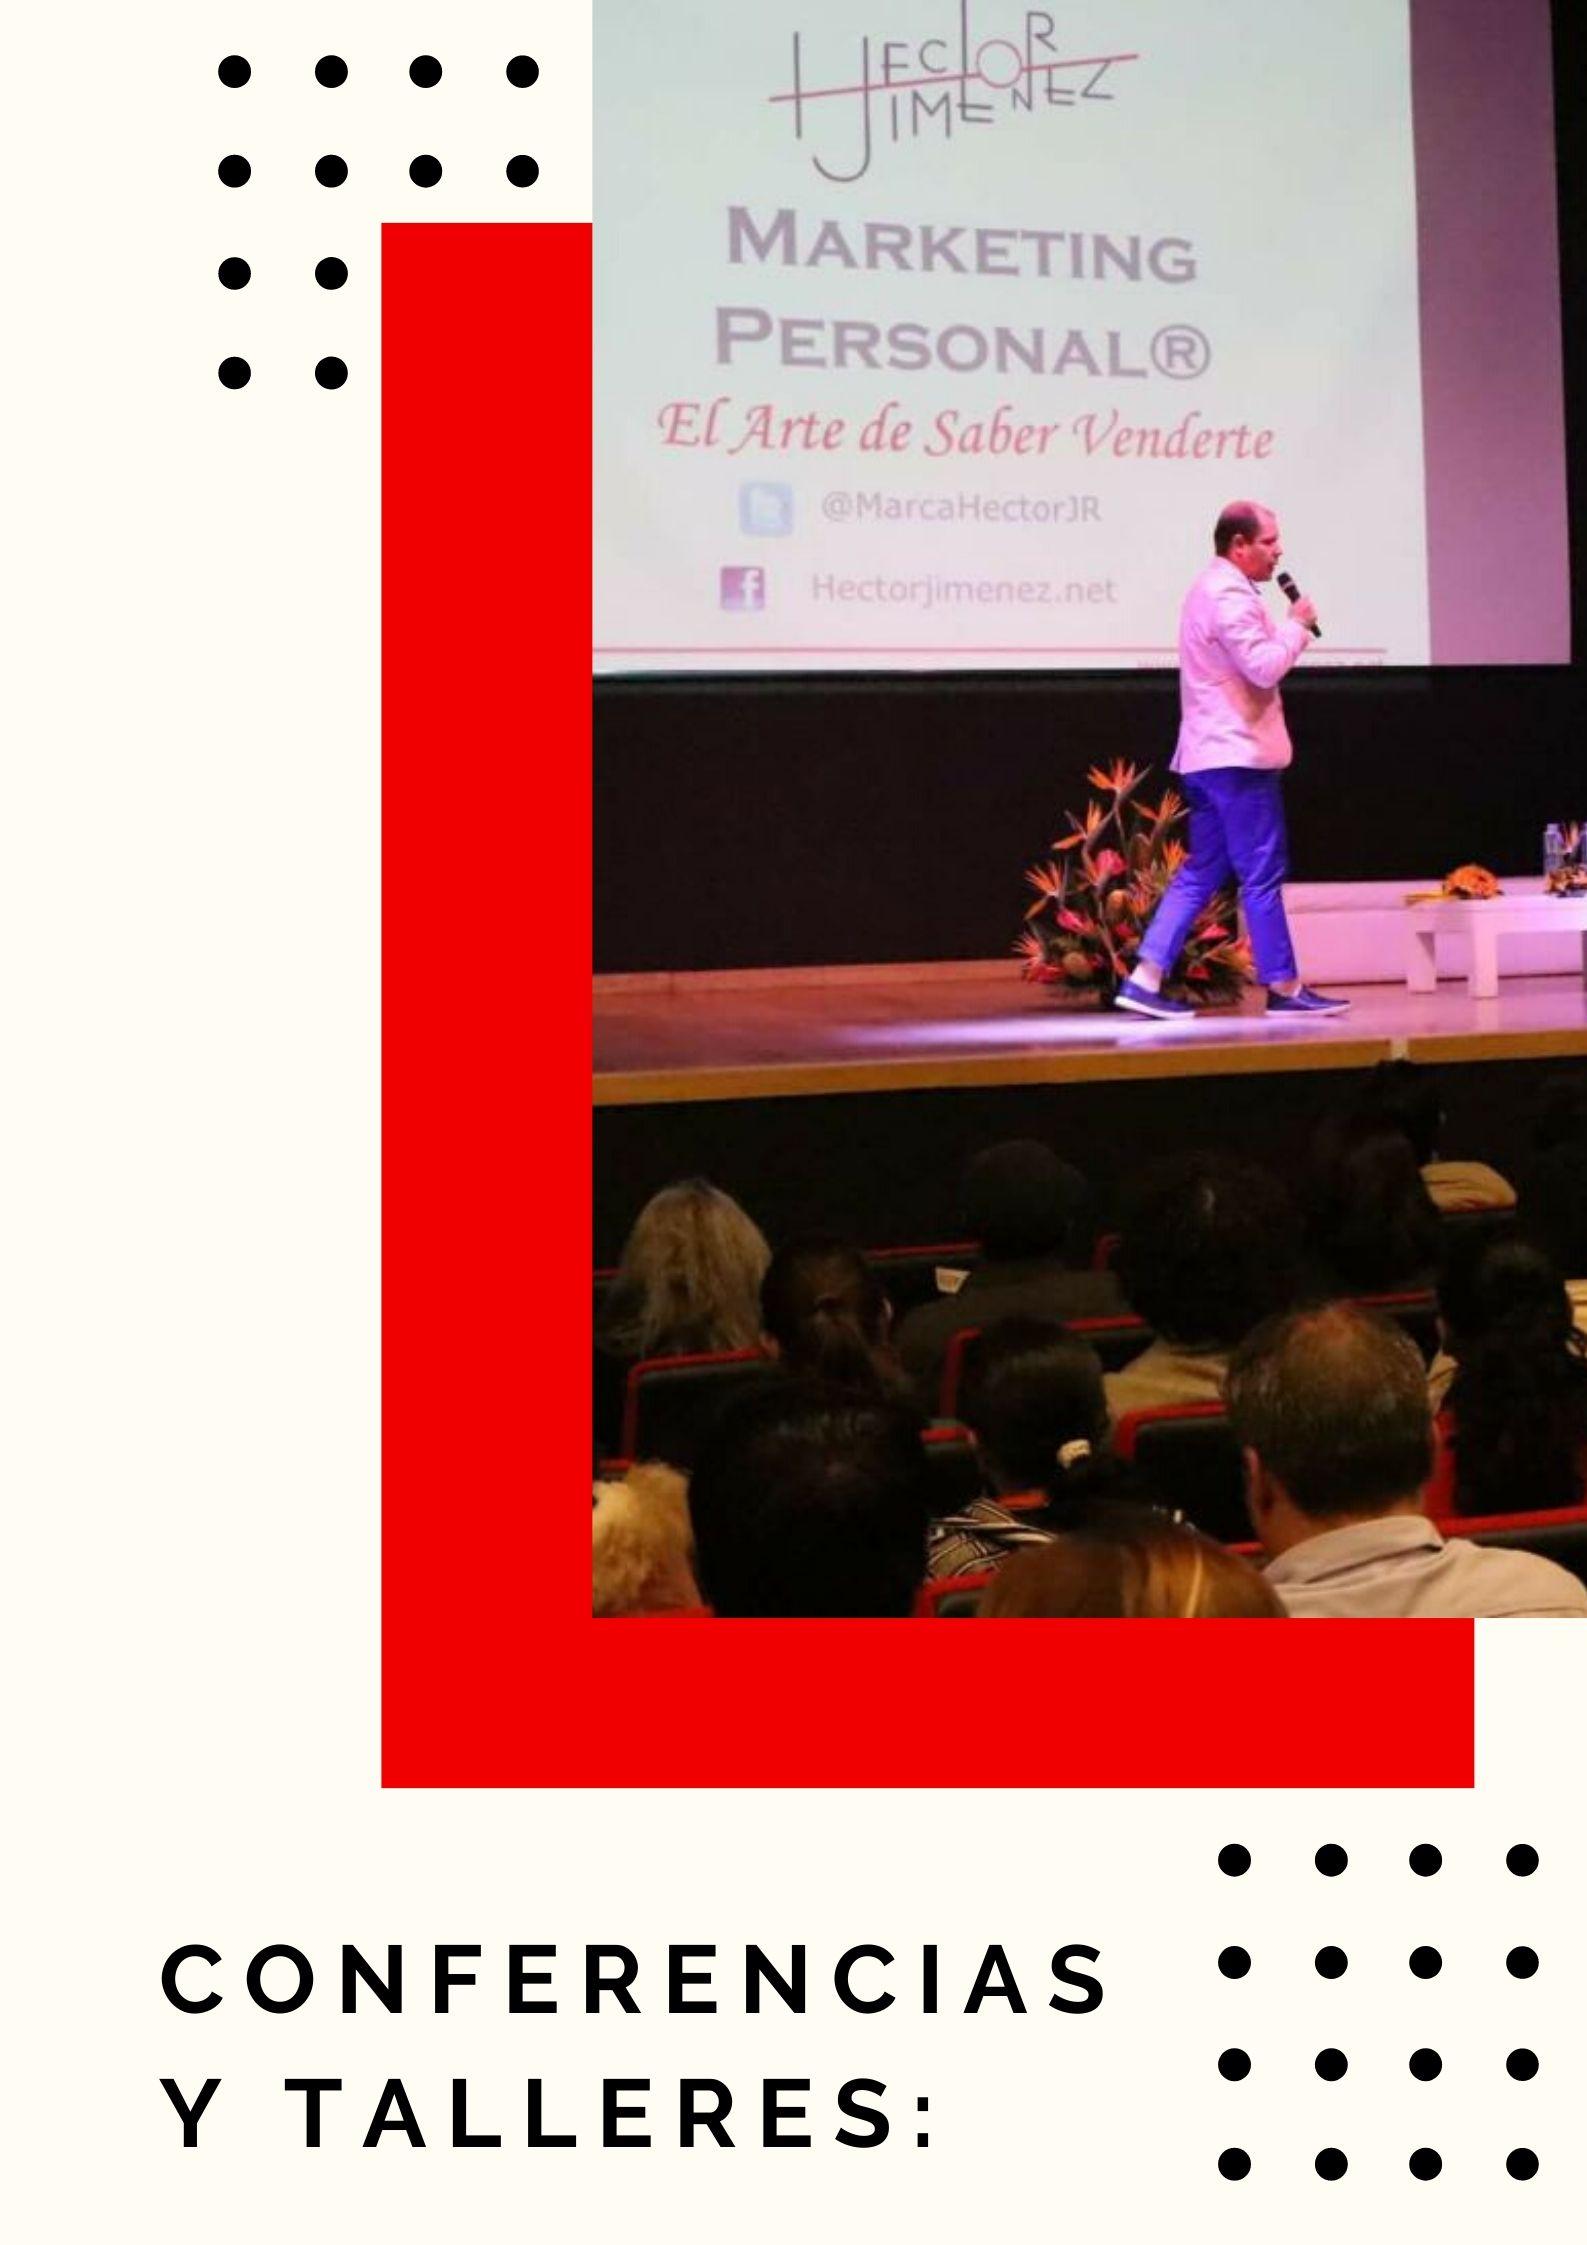 03 - Conferencias y talleres